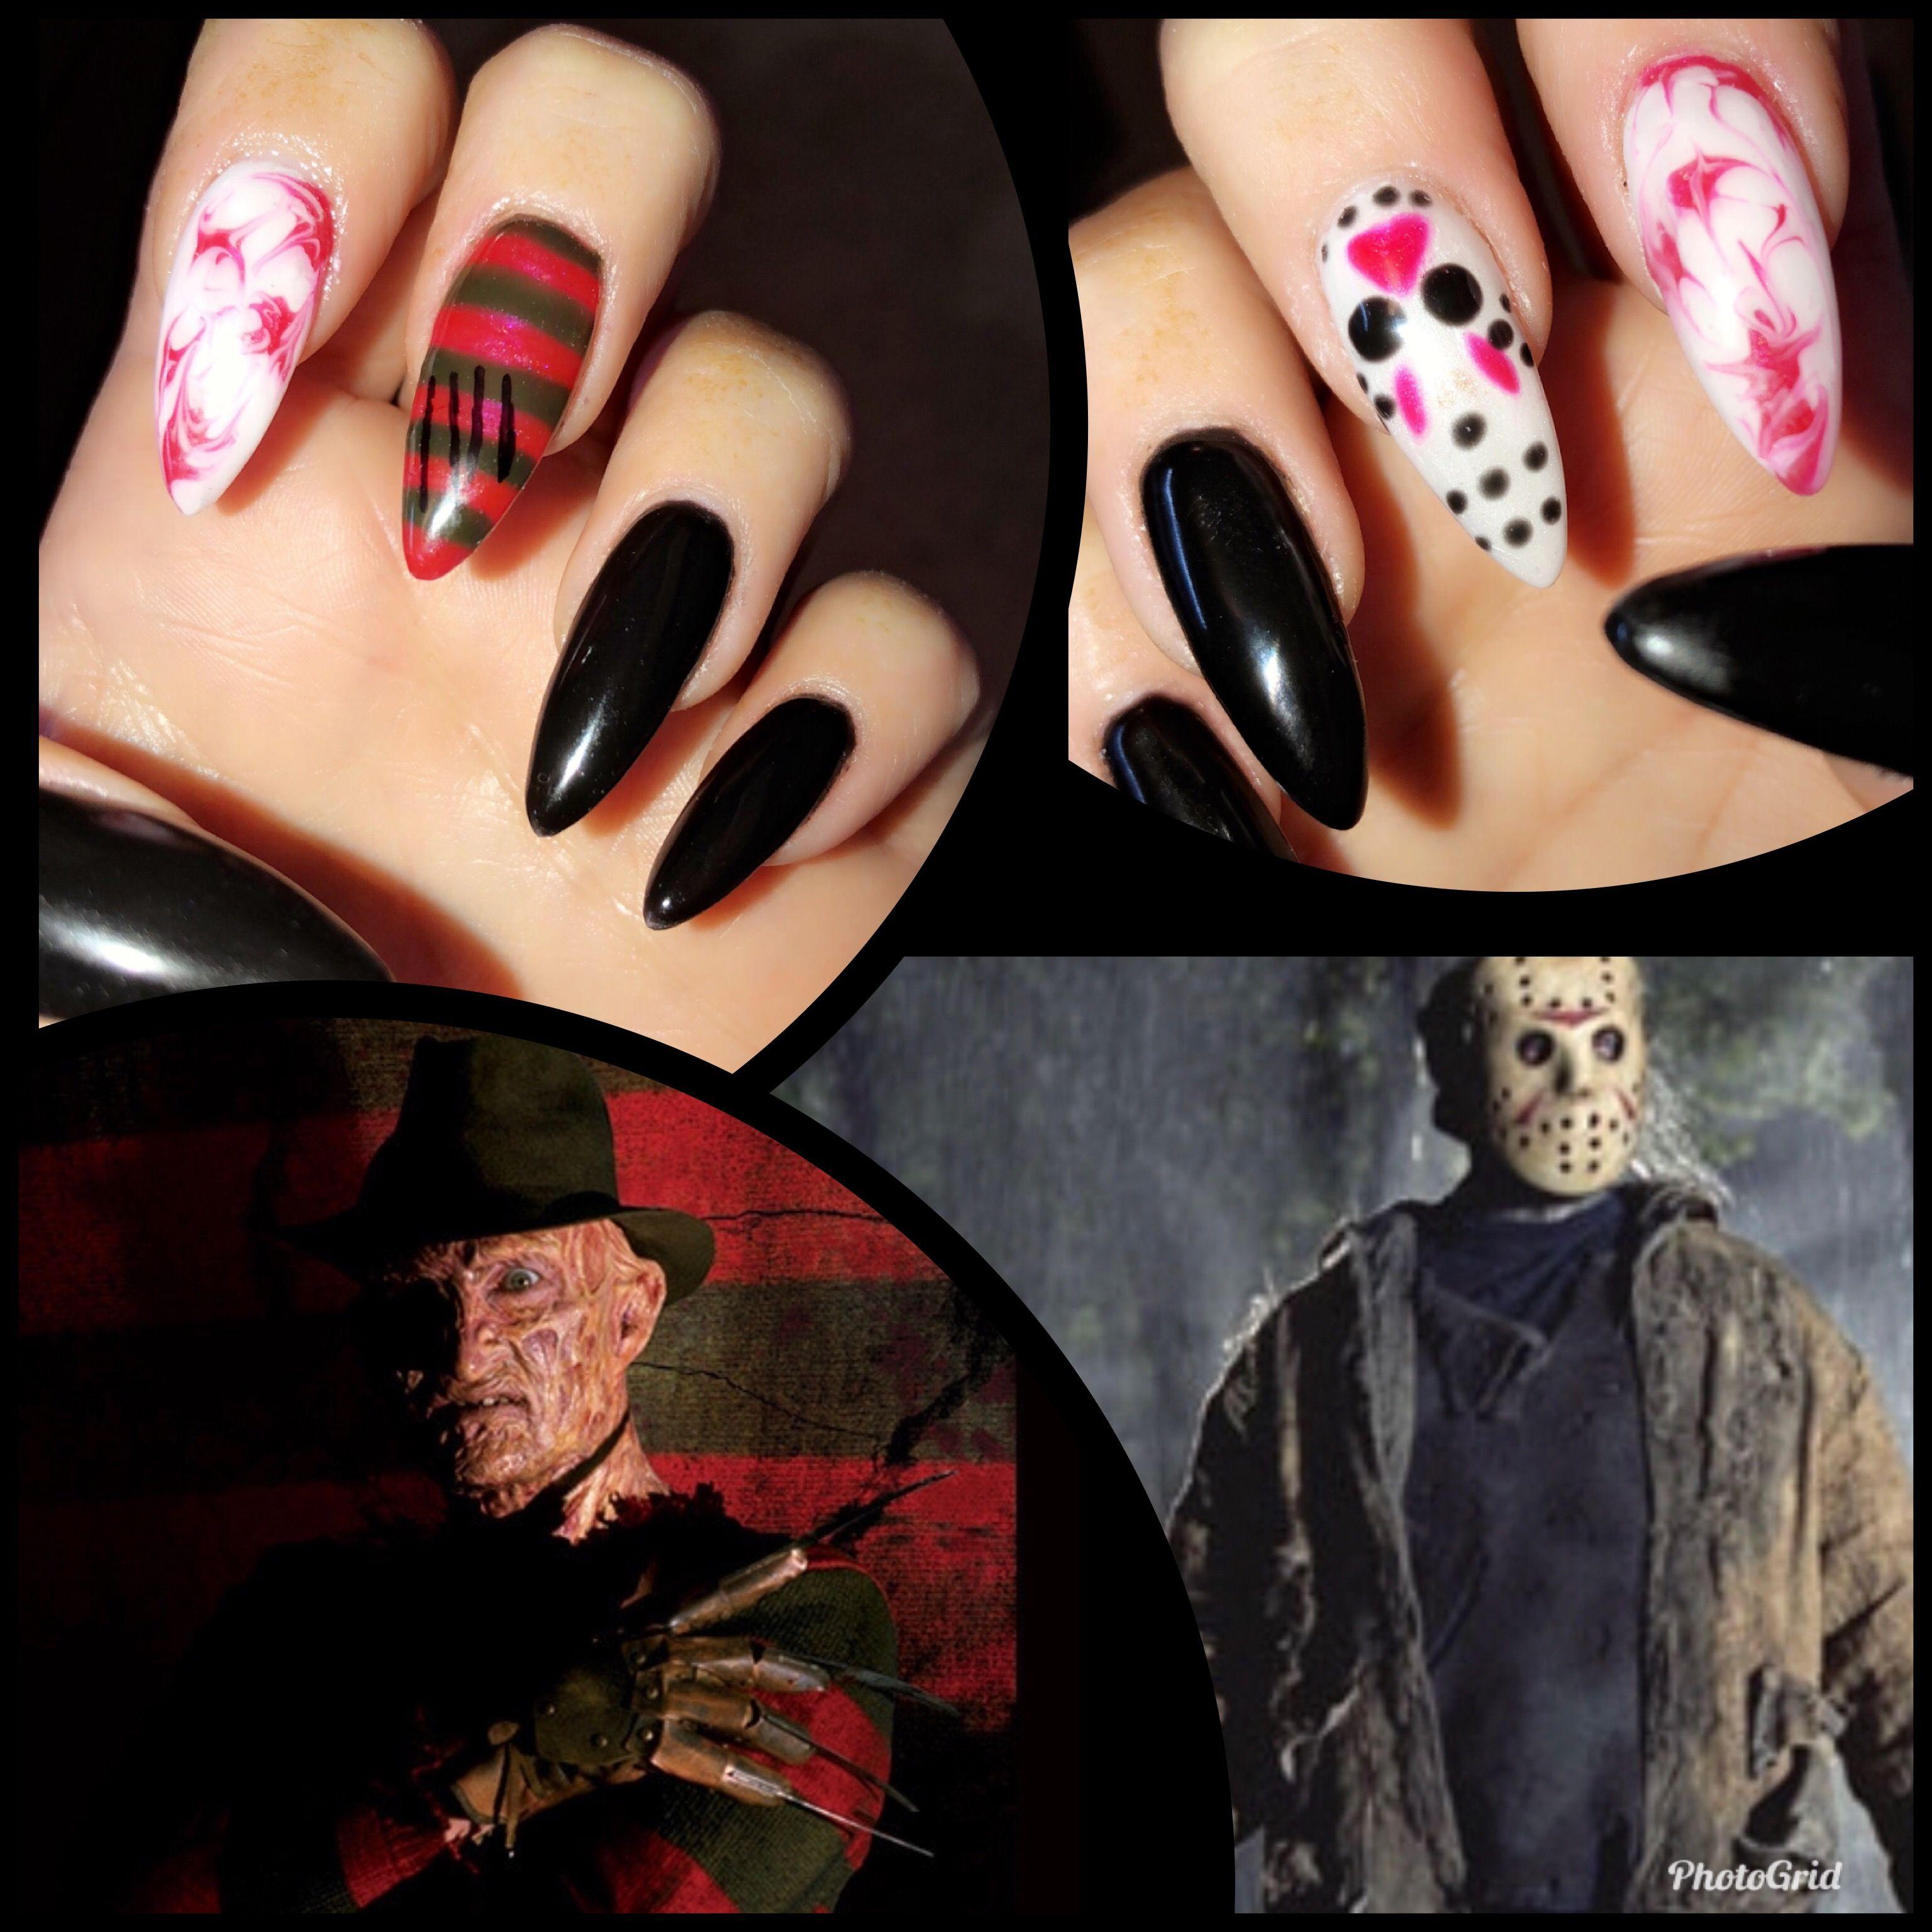 Freddy Vs Jason Halloween Nails Horror Nails Halloween Nails Holloween Nails